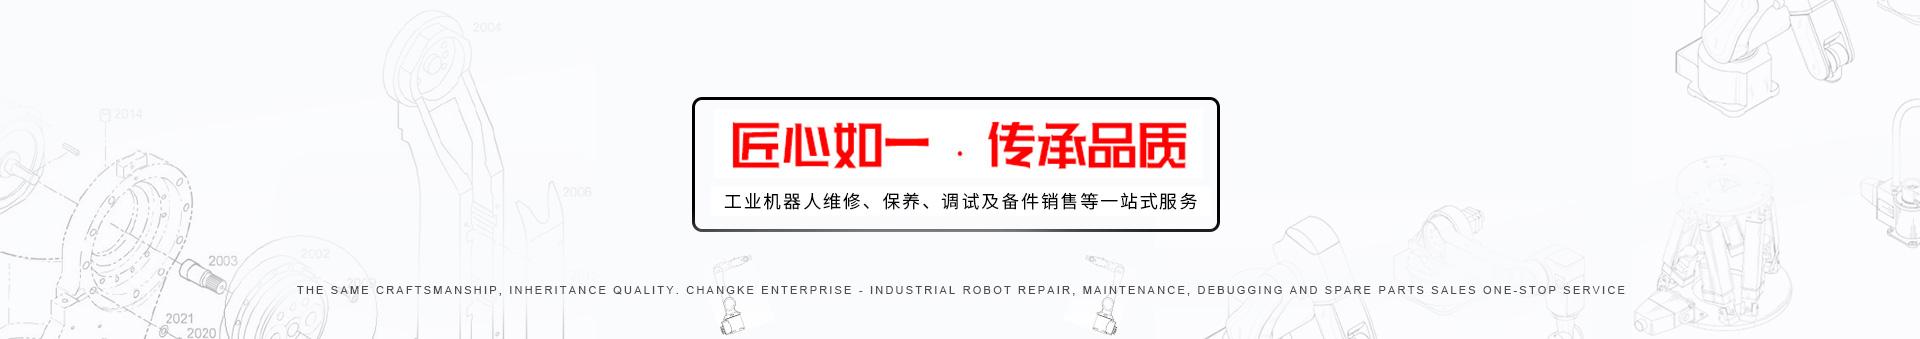 工业机器人产品